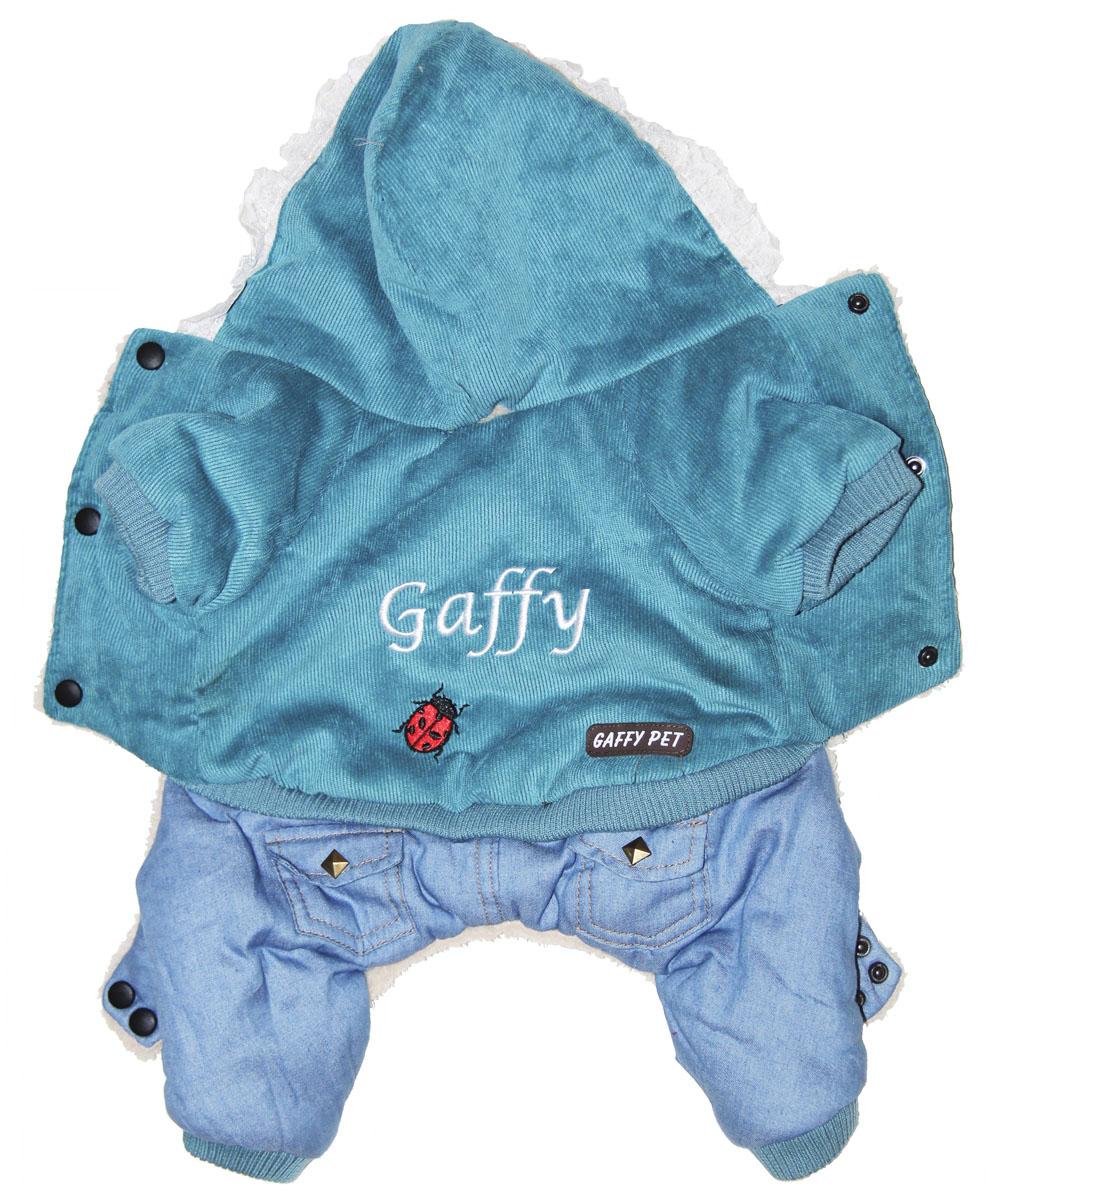 """Комбинезон для собак Gaffy Pet """"Ladybird"""", зимний, для мальчика, цвет: голубой. Размер XL"""